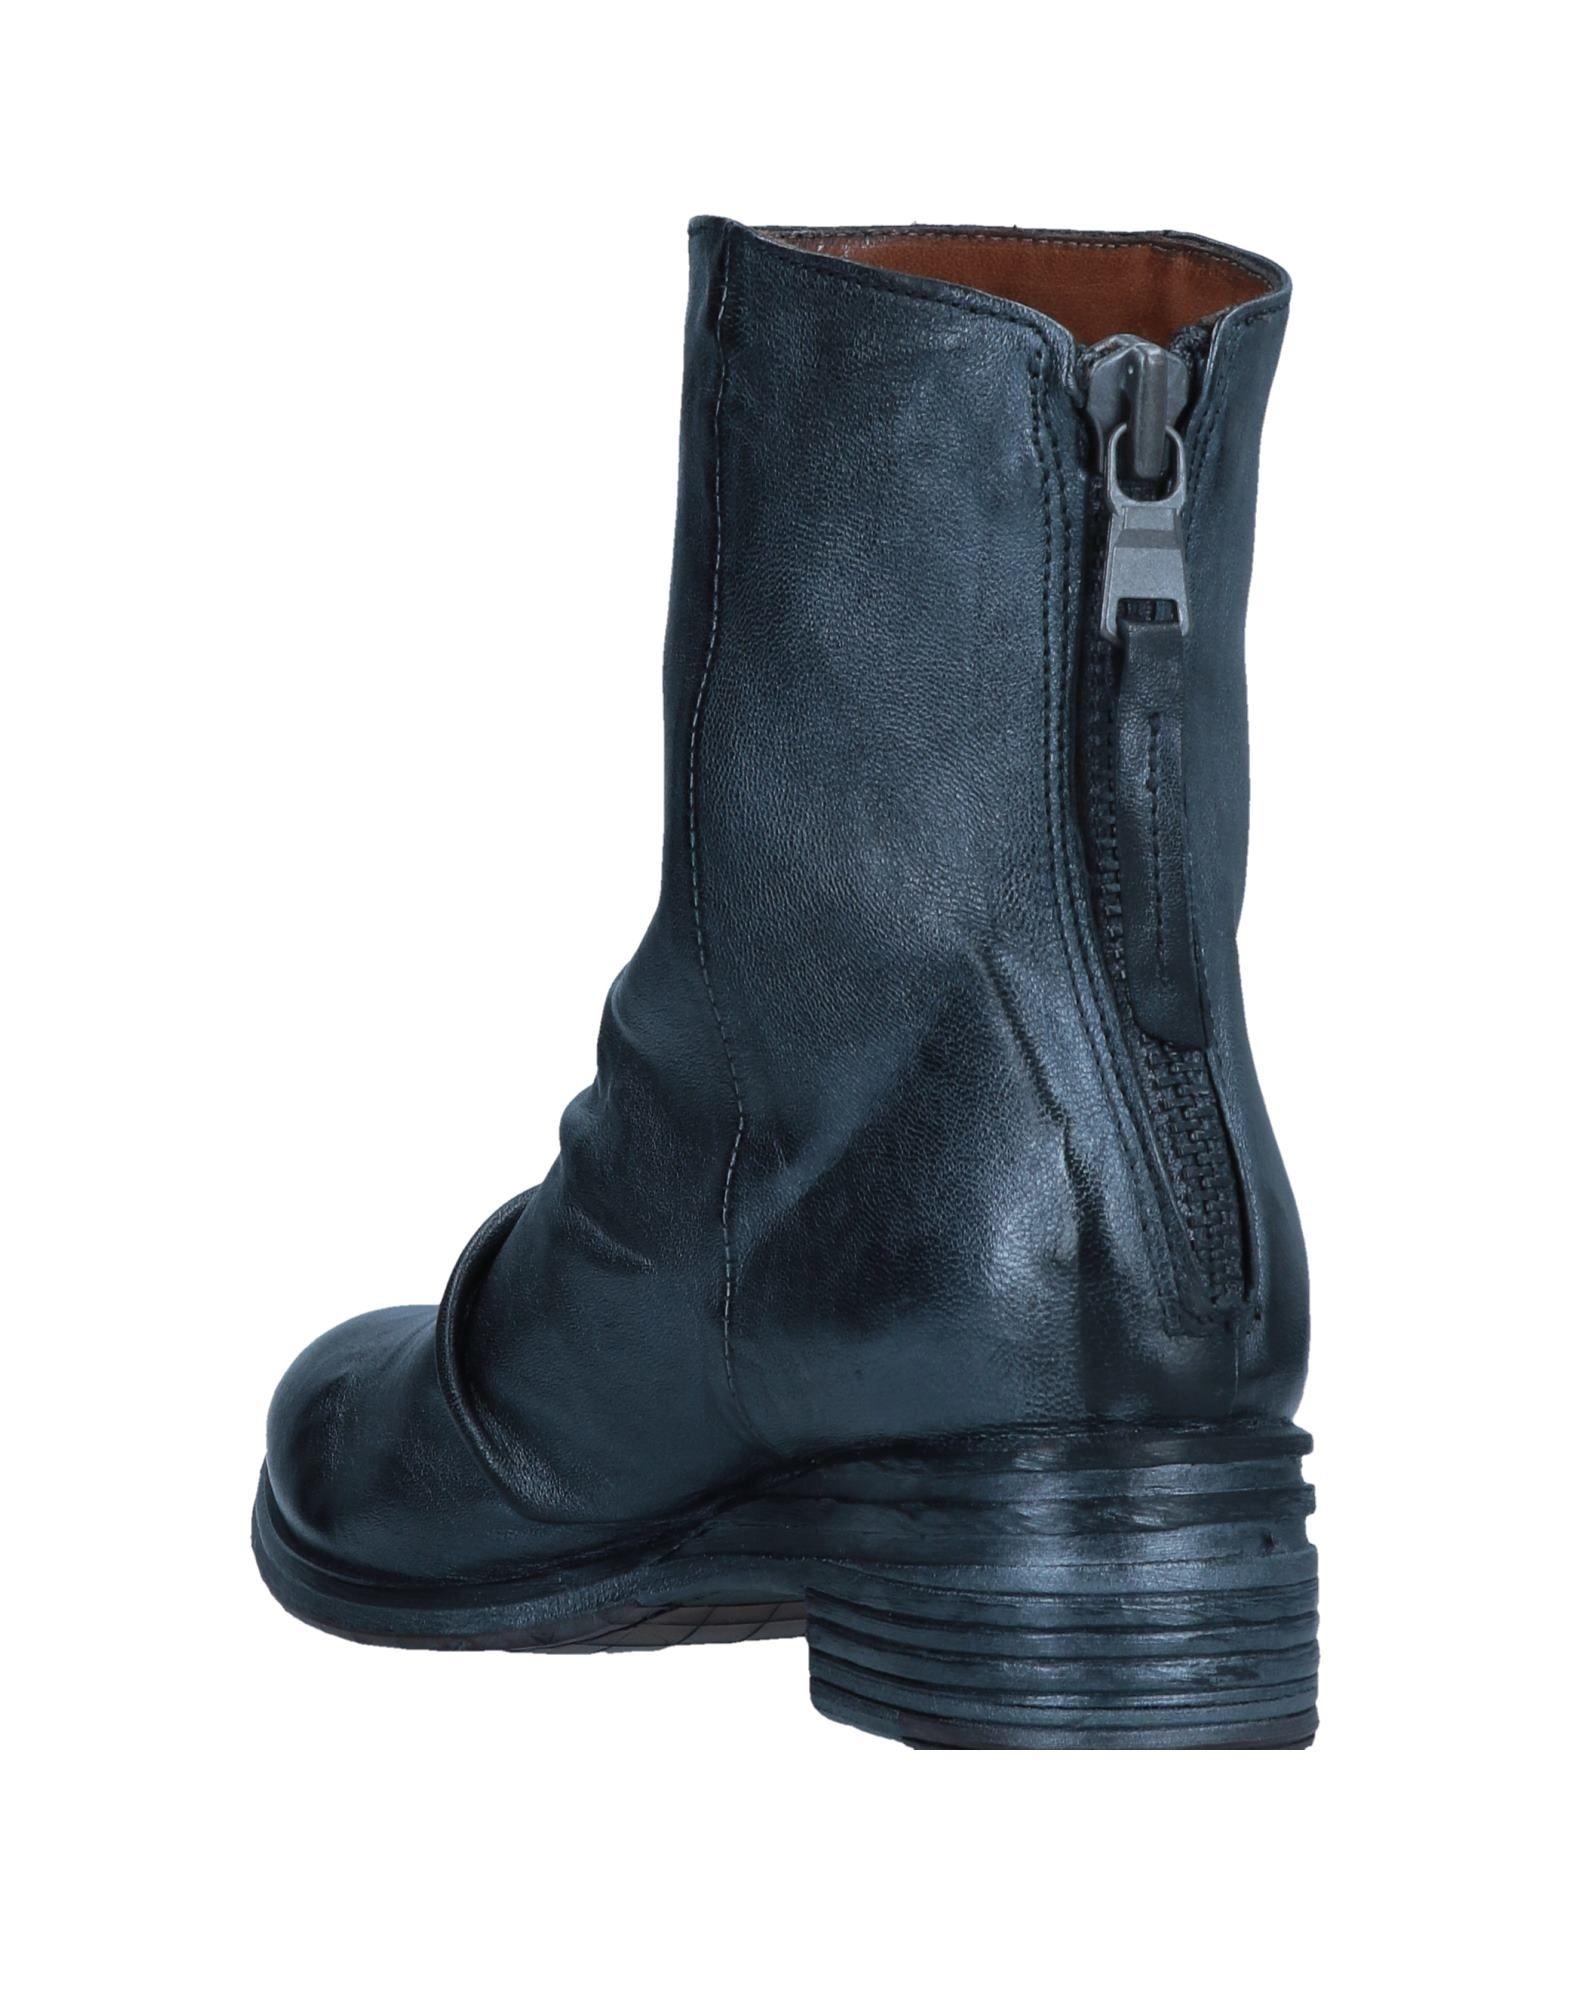 Elia 11551150XHGut Maurizi Stiefelette Damen  11551150XHGut Elia aussehende strapazierfähige Schuhe b2b4f2